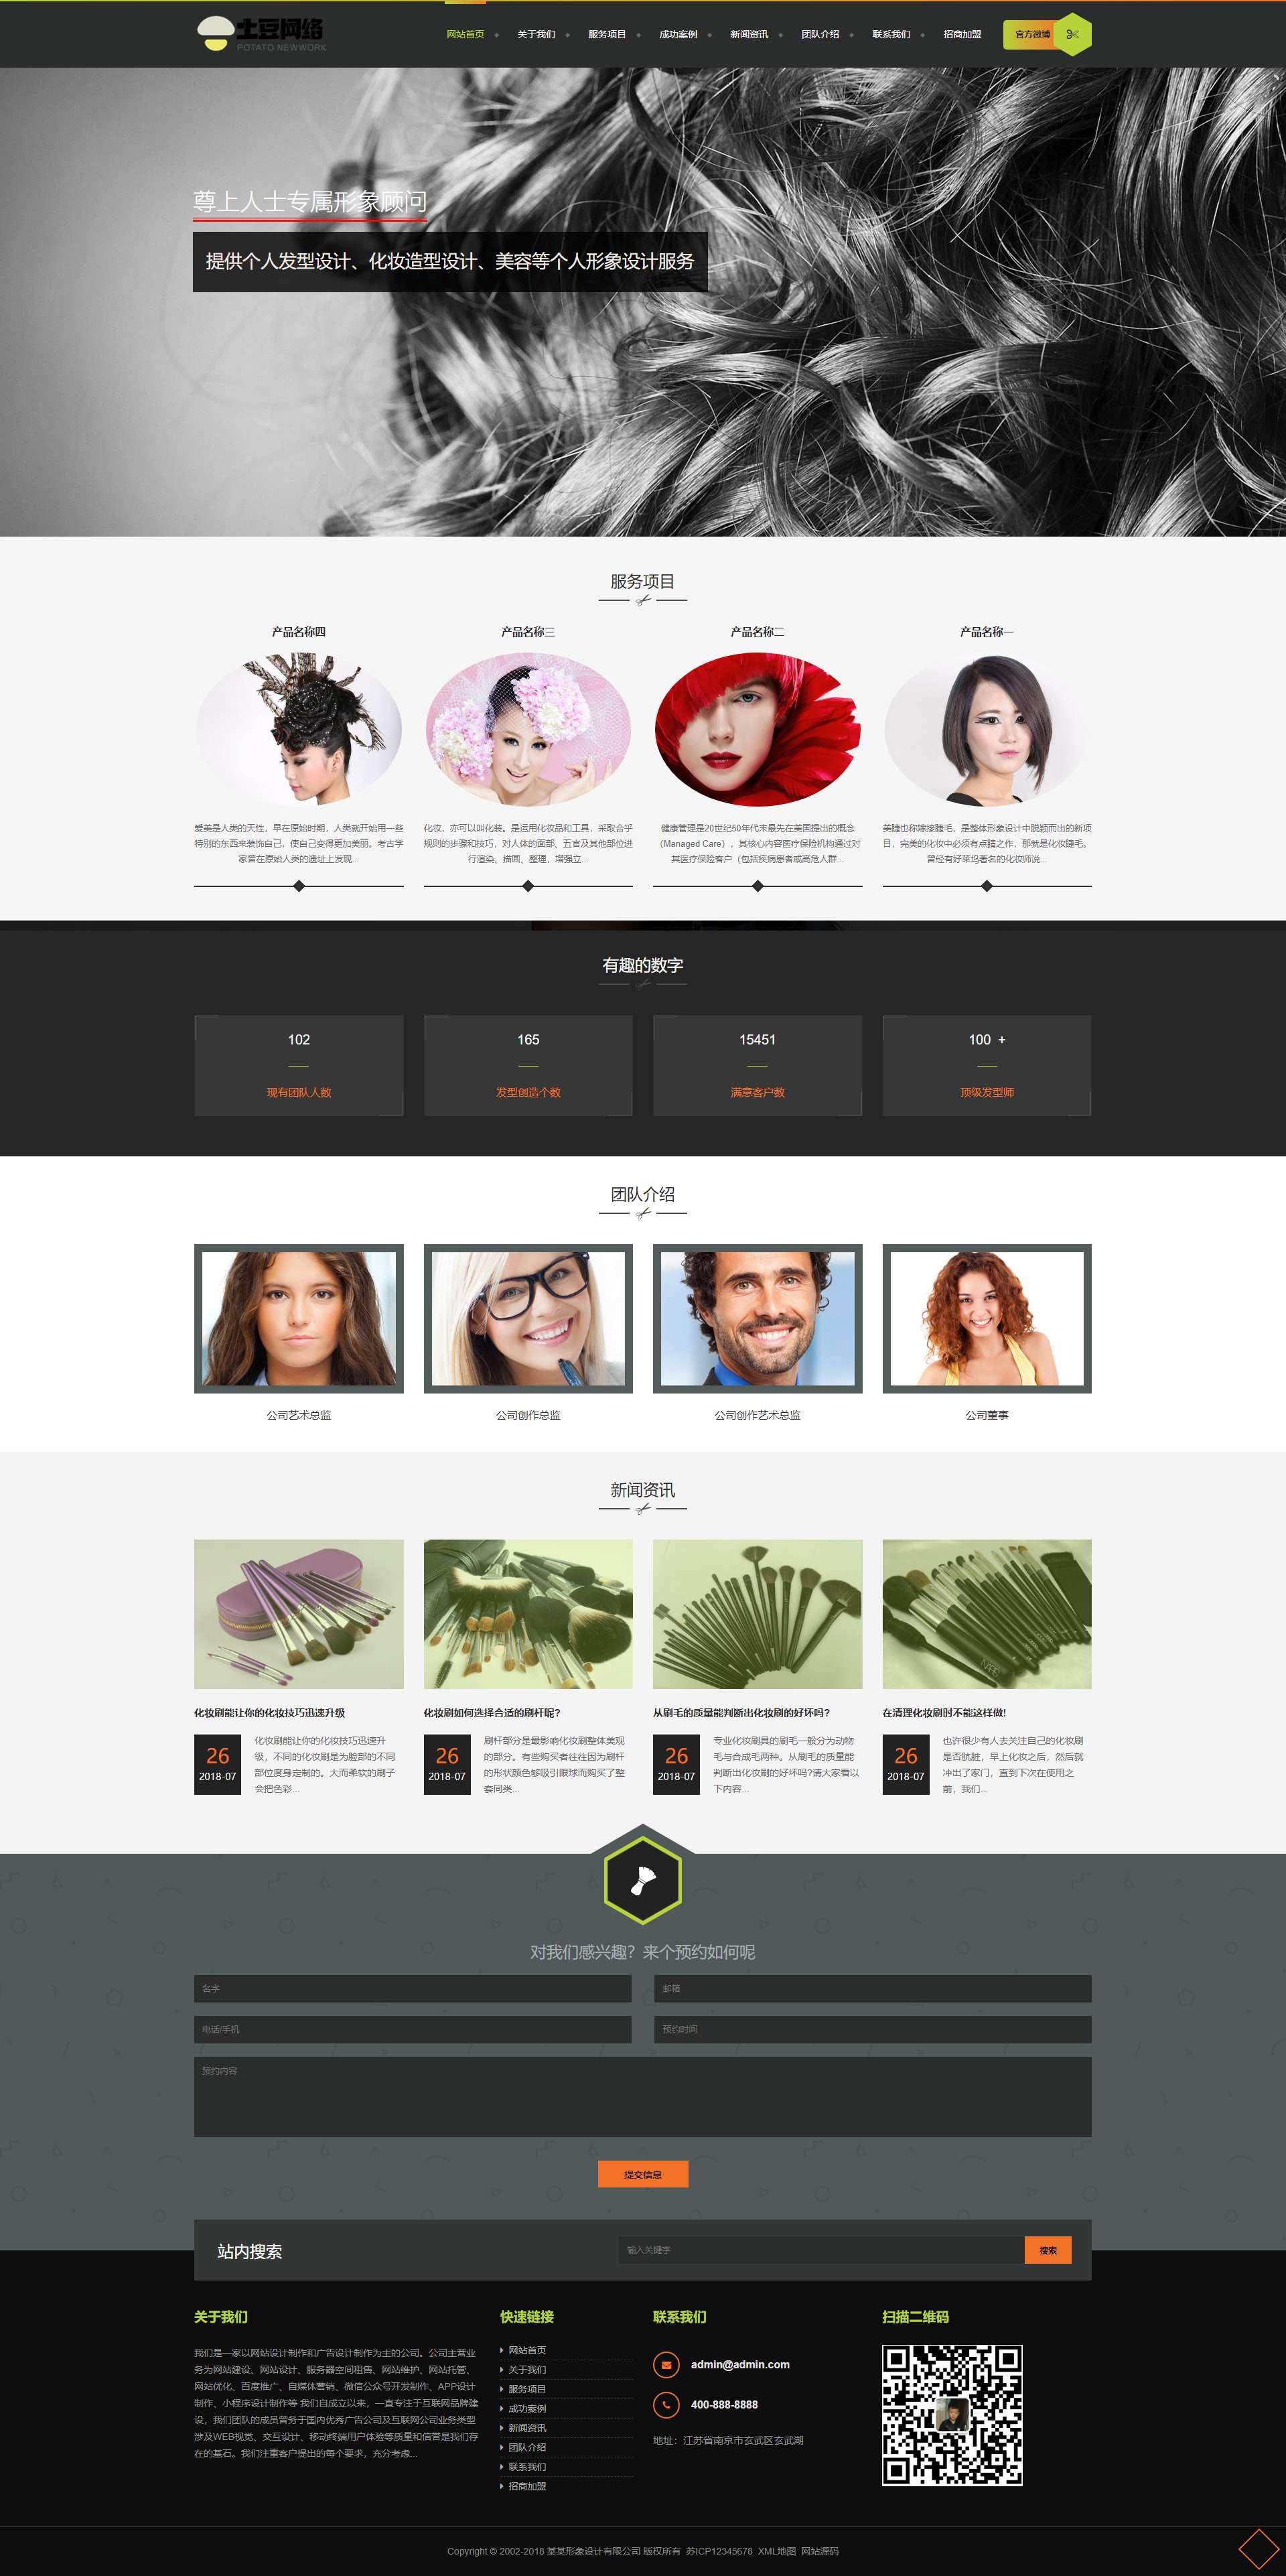 响应式形象发型设计美容网站建设模板